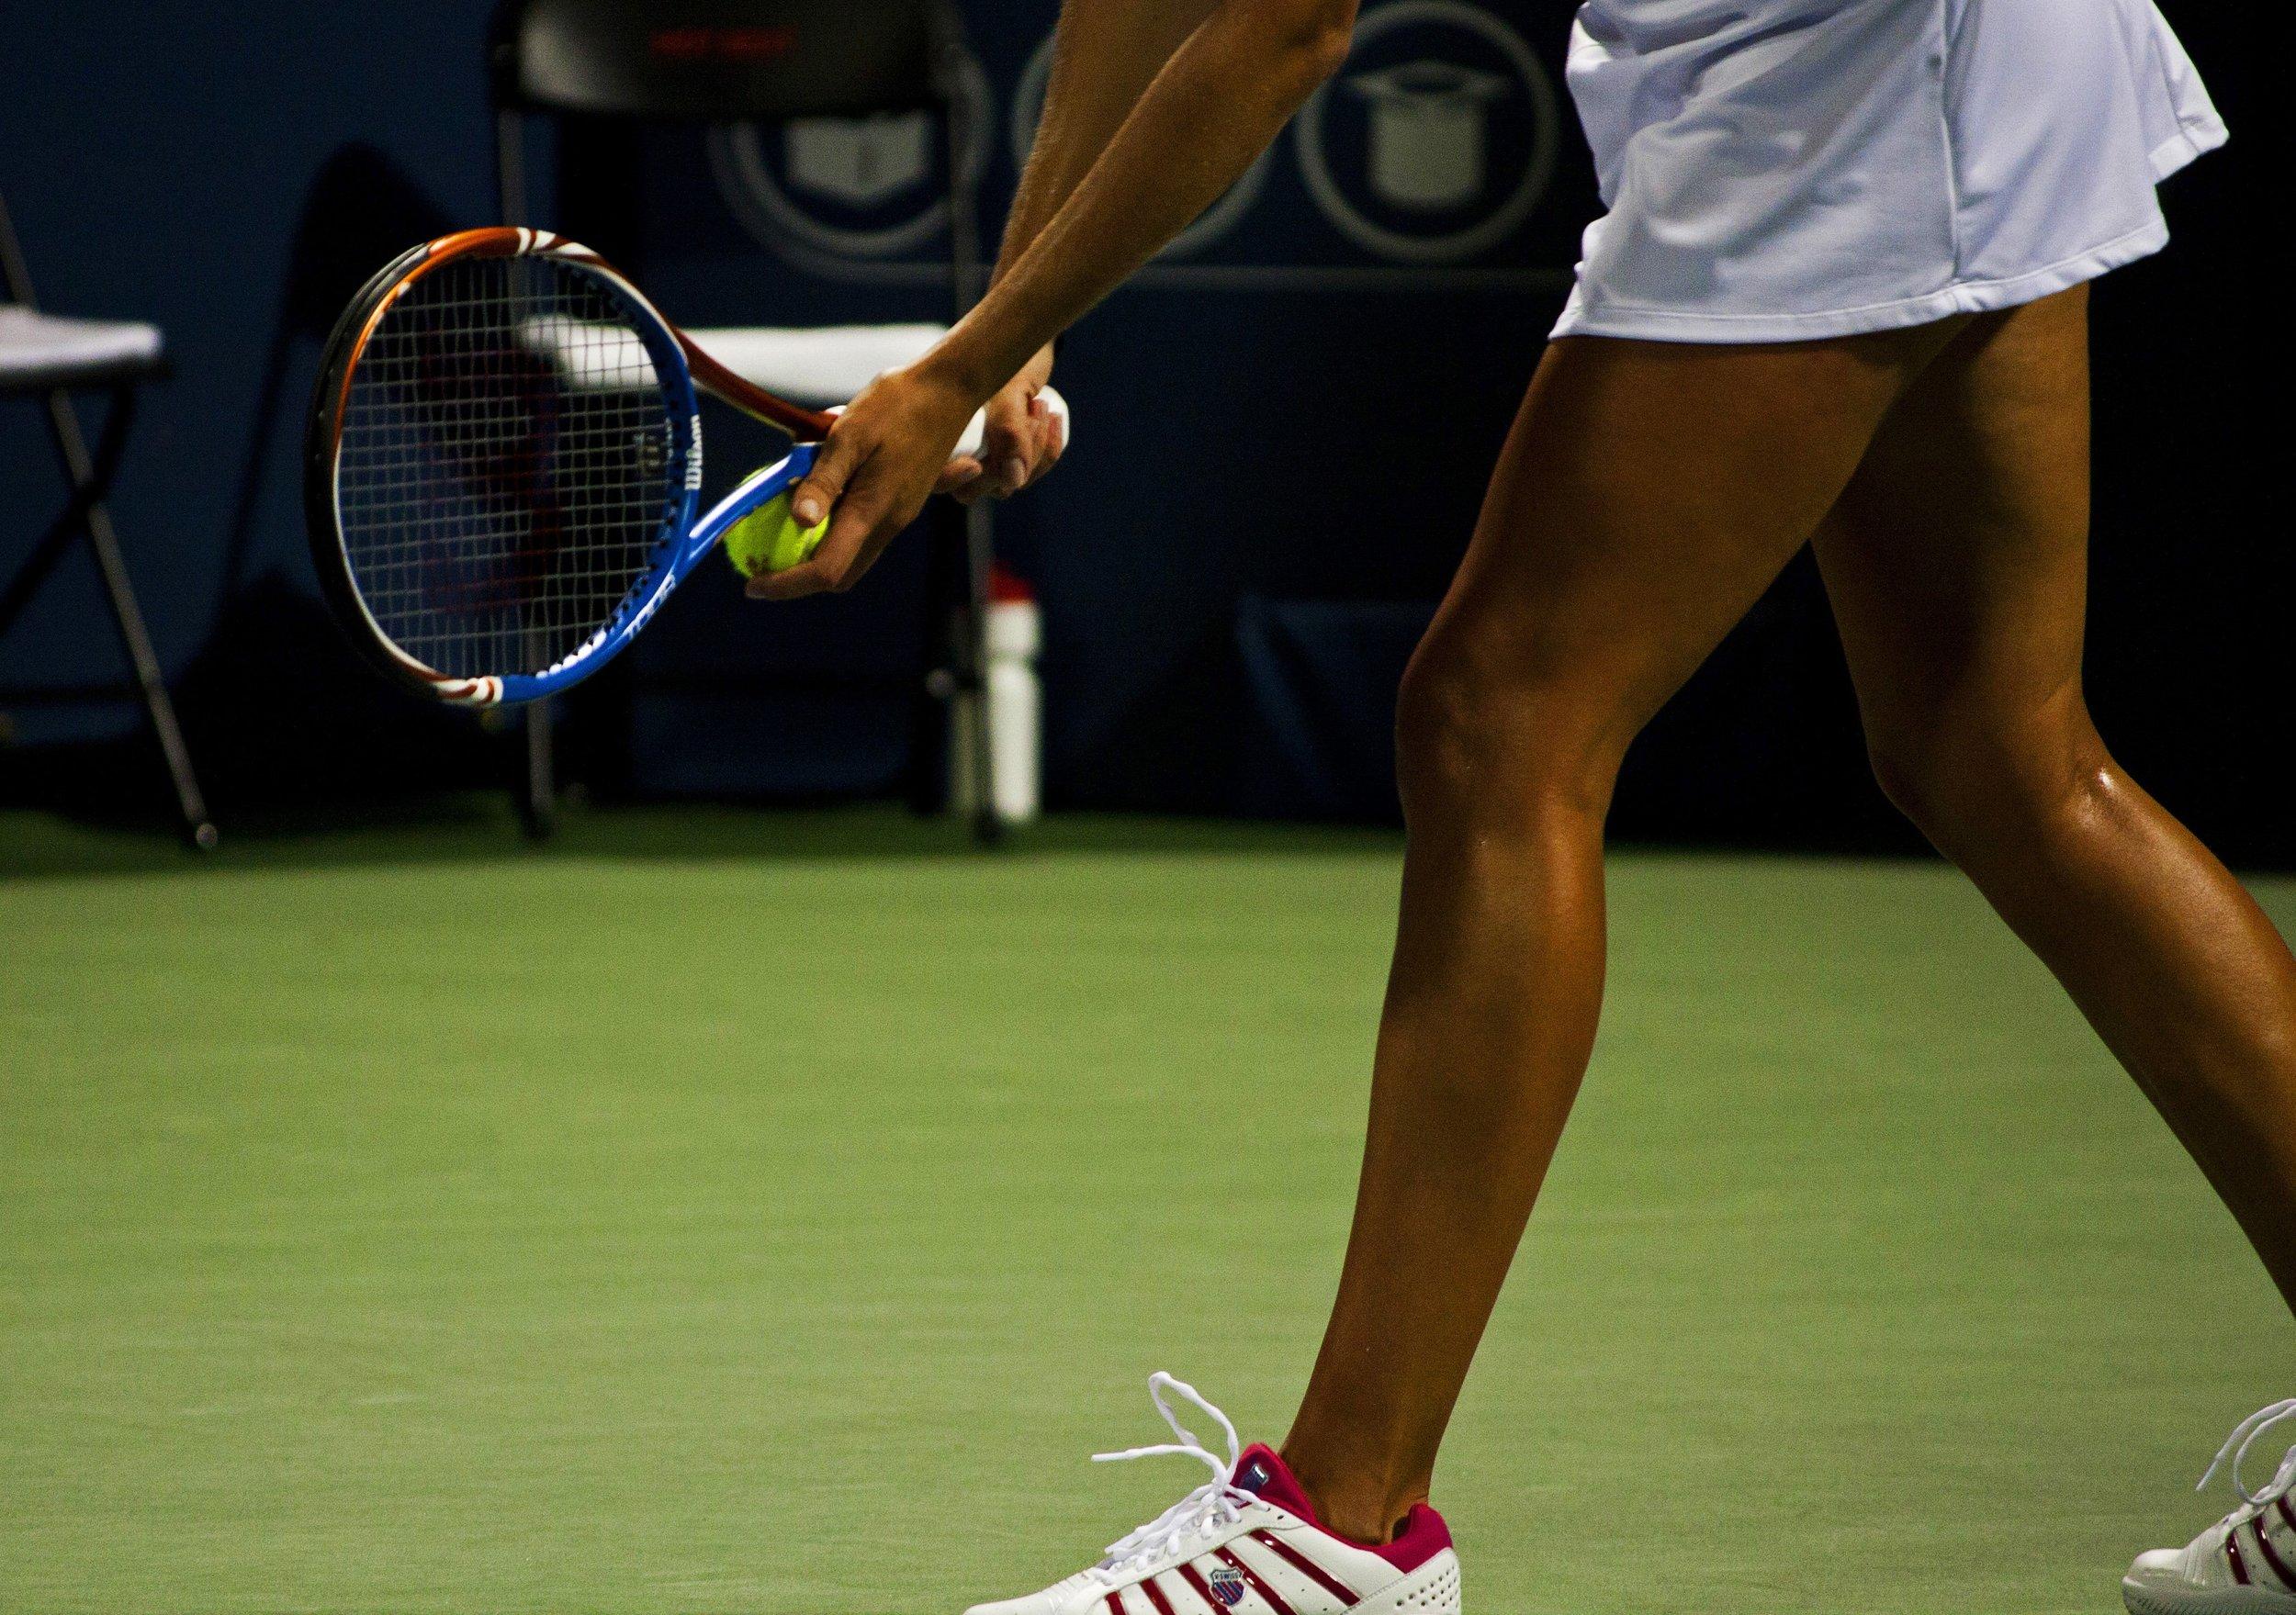 tennisperson-woman-sport-ball.jpg